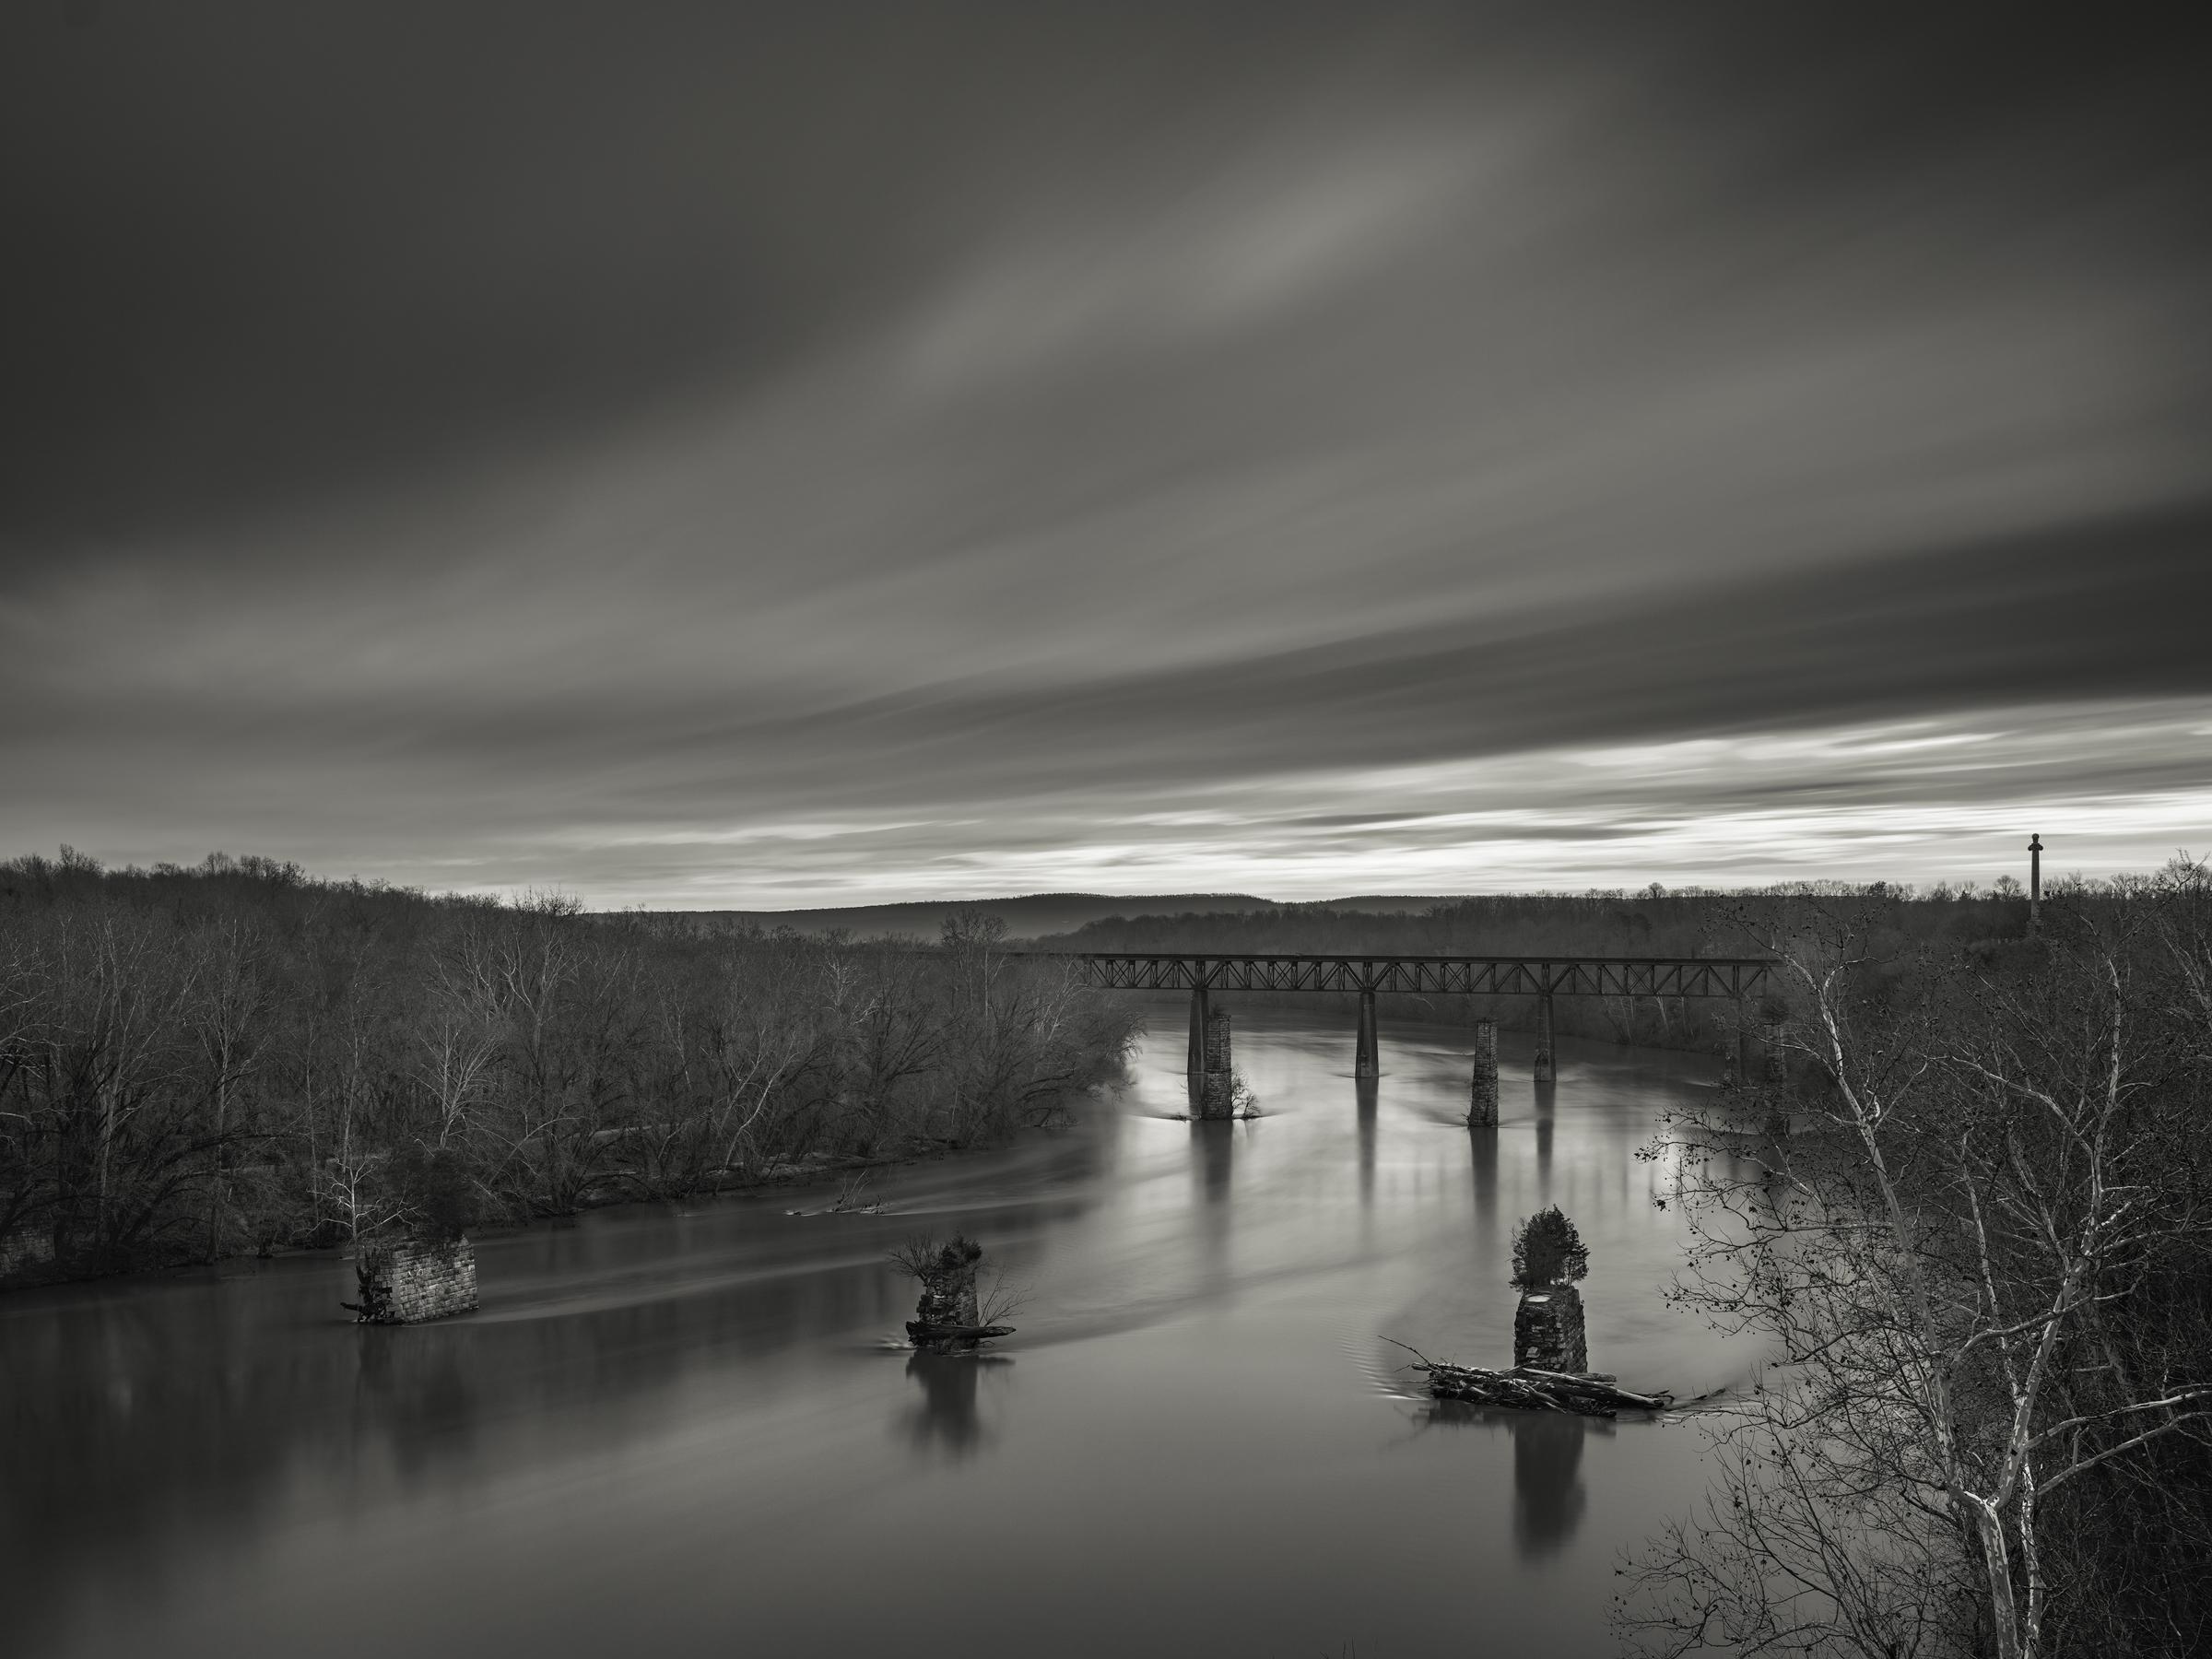 Sunrise on the Potomac, Shepherdstown, WV - Fuji GFX50s and a Fujinon GF32-64mm f4 R WR   ISO 100 at f11 for 240 seconds.